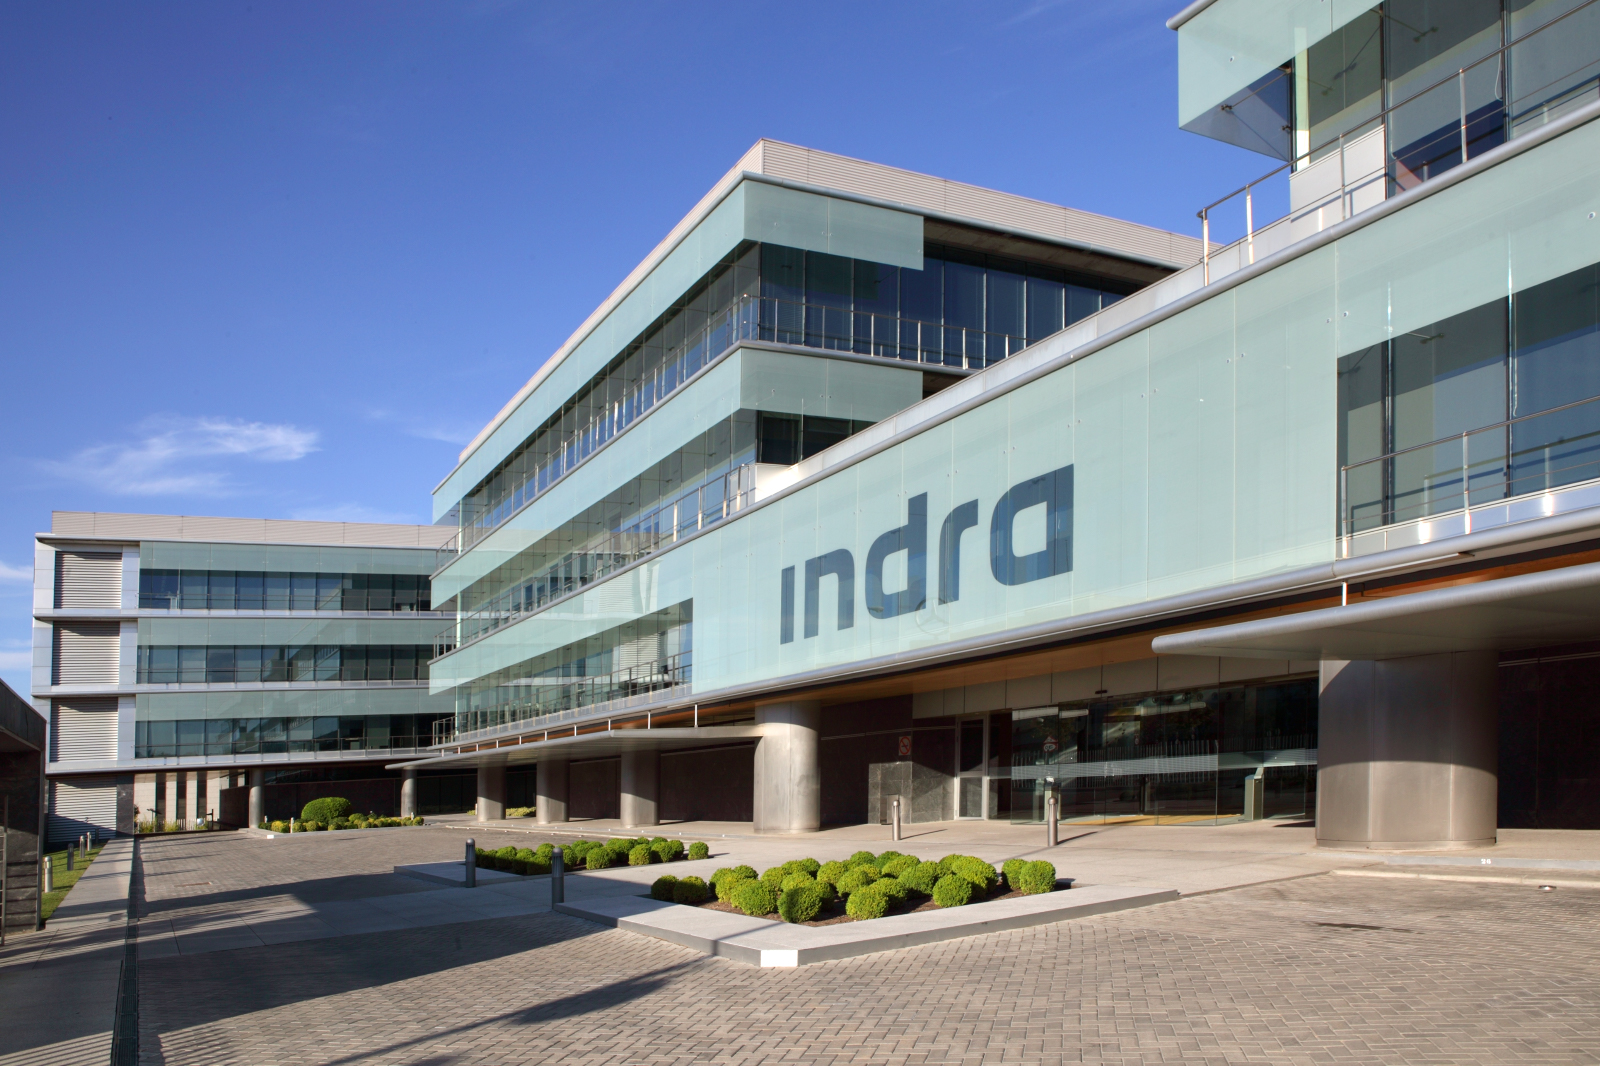 INDRA presenta il trasporto del futuro